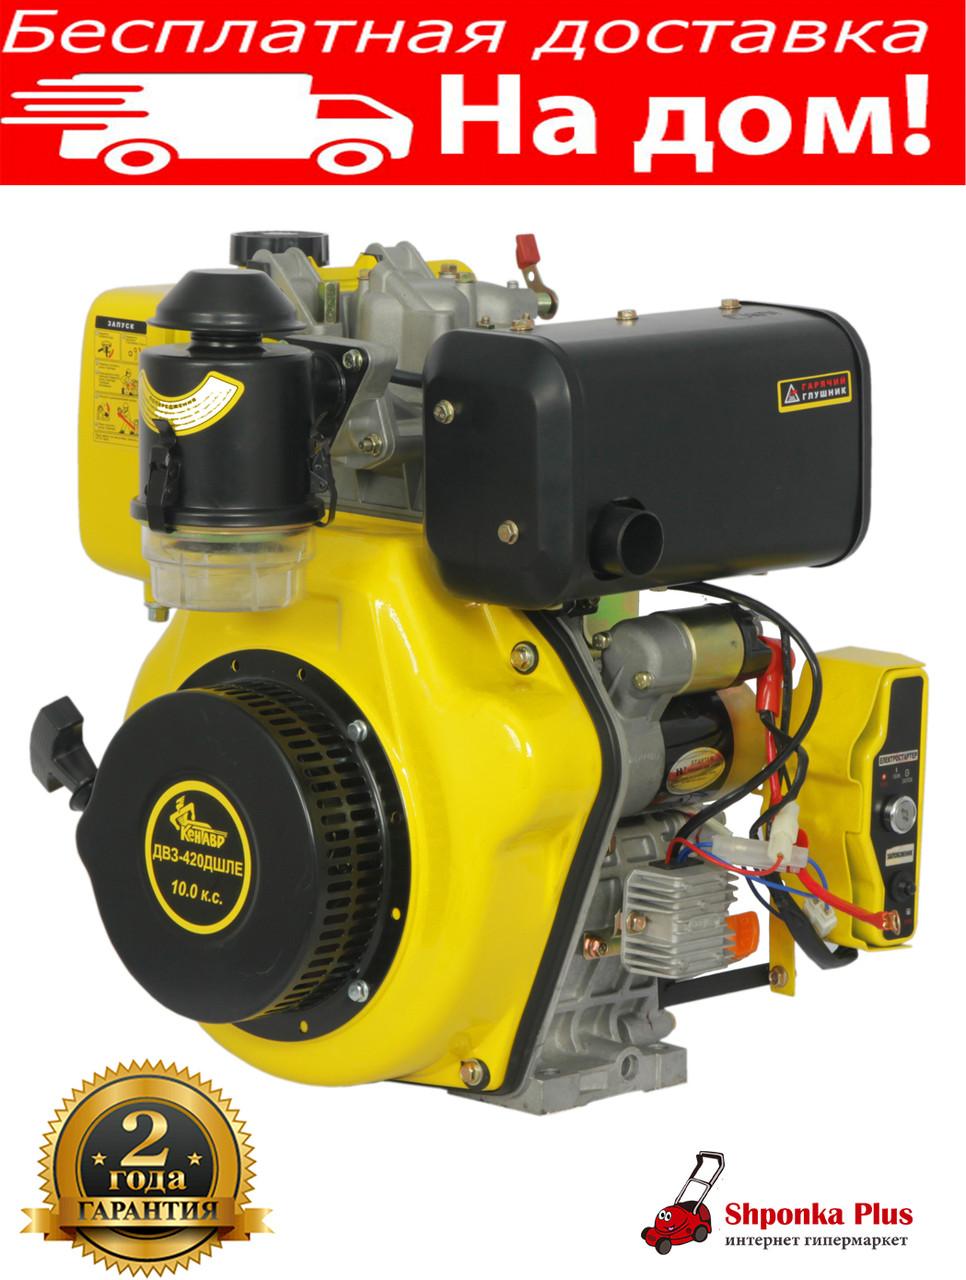 Двигатель дизель, 10 л.с., шлицы, электростартер Кентавр ДВЗ-420ДШЛЕ